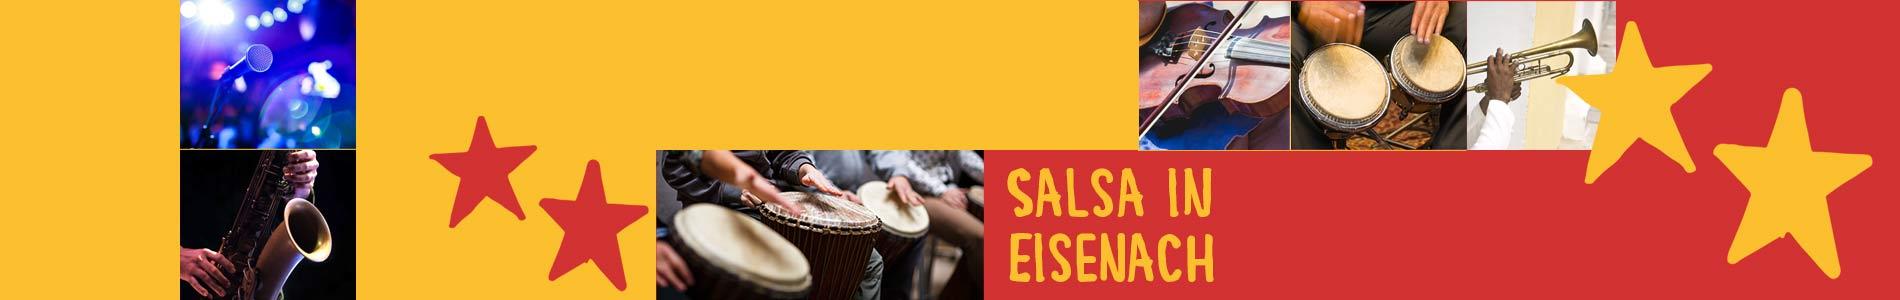 Salsa in Eisenach – Salsa lernen und tanzen, Tanzkurse, Partys, Veranstaltungen